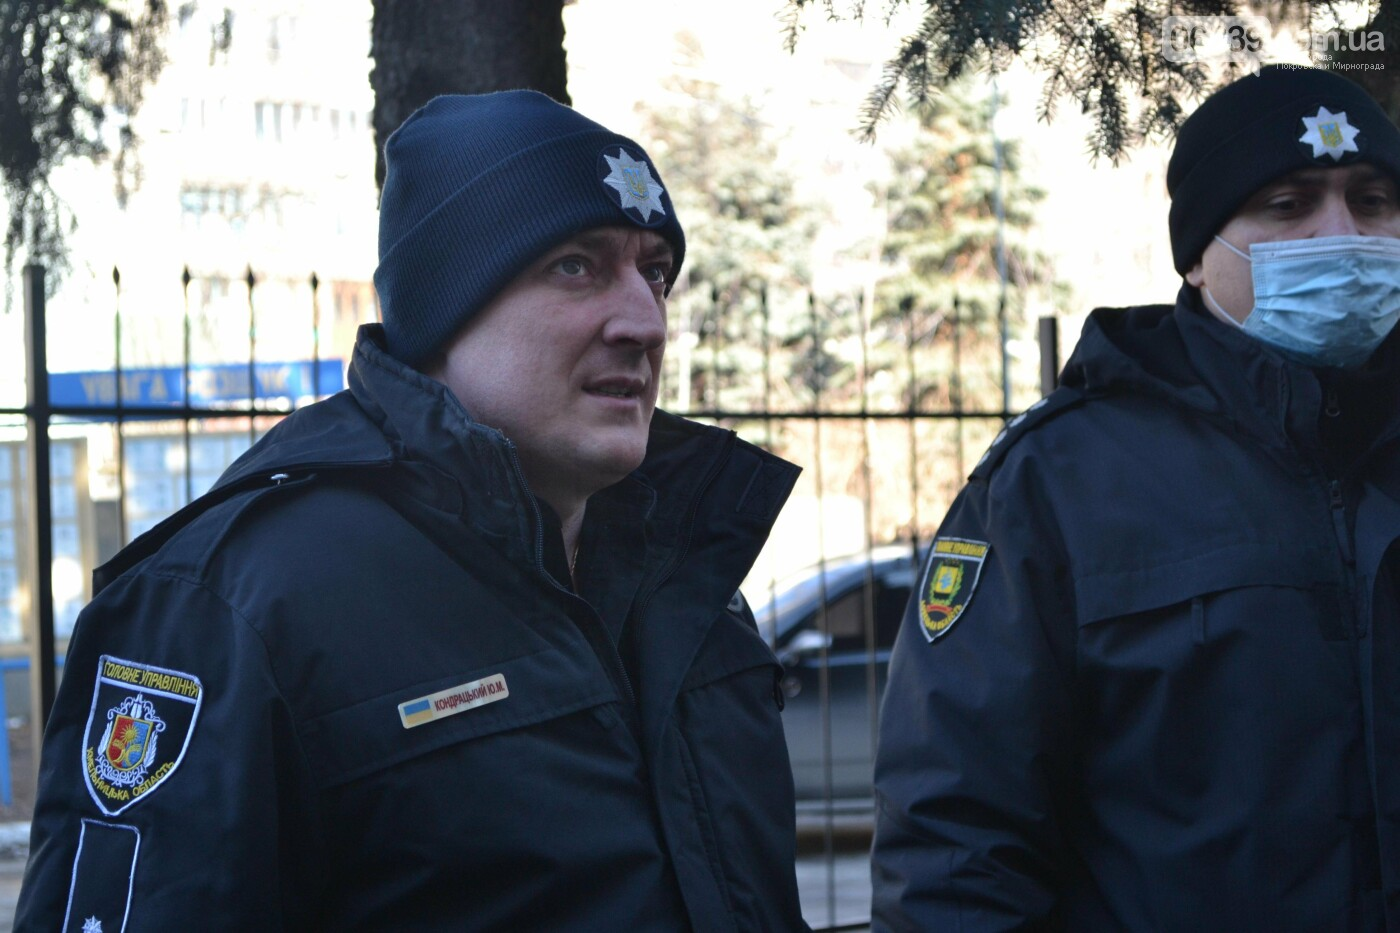 В Покровске почтили память погибшего от рук террористов спецназовца Виталия Мандрыка, фото-4